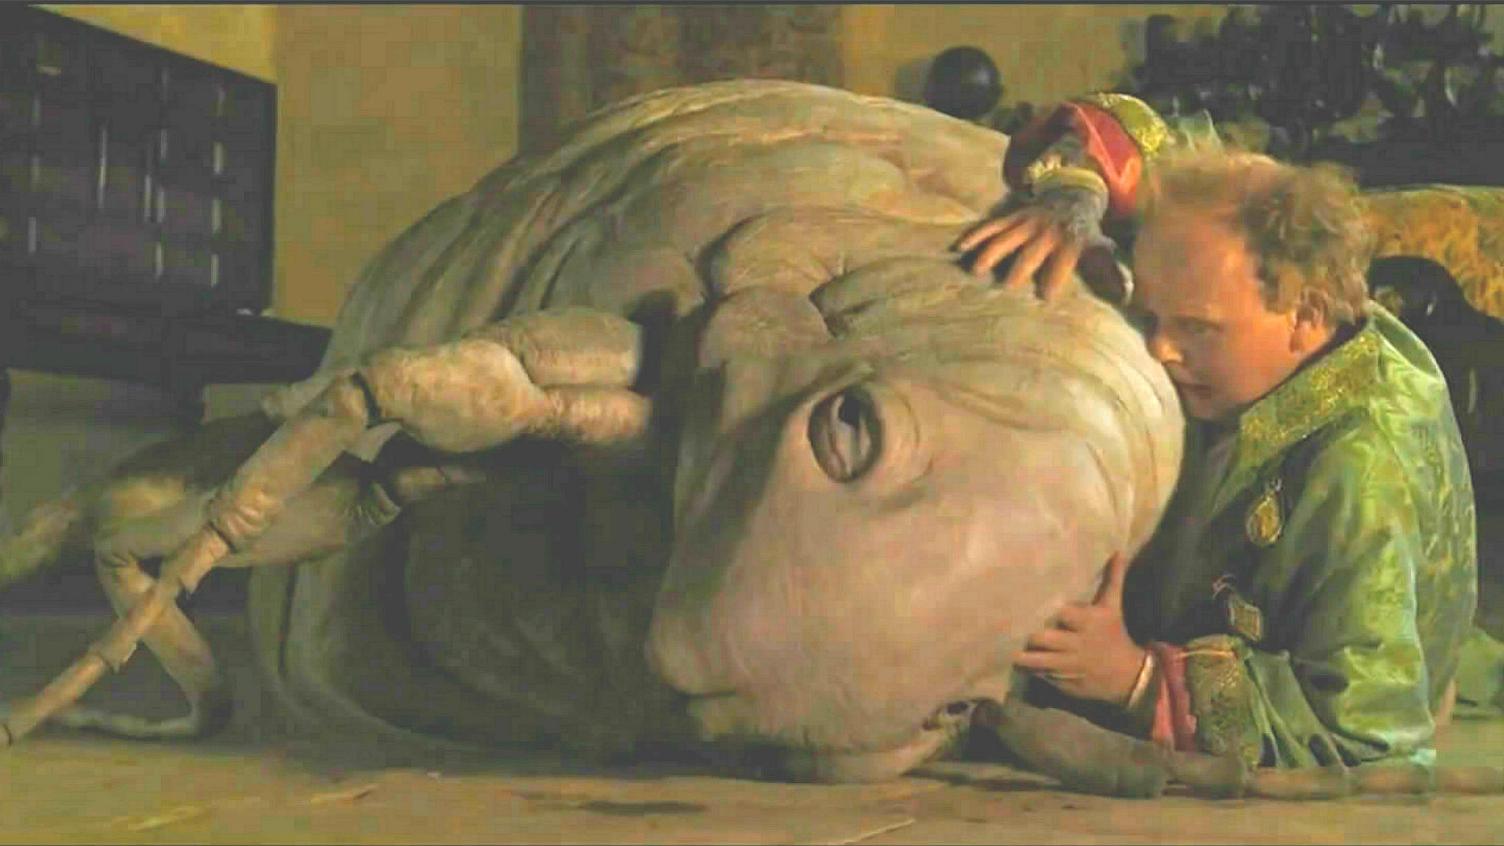 国王活捉跳蚤当宠物,用自己的鲜血将它喂成巨型怪物,事后懊悔不已!